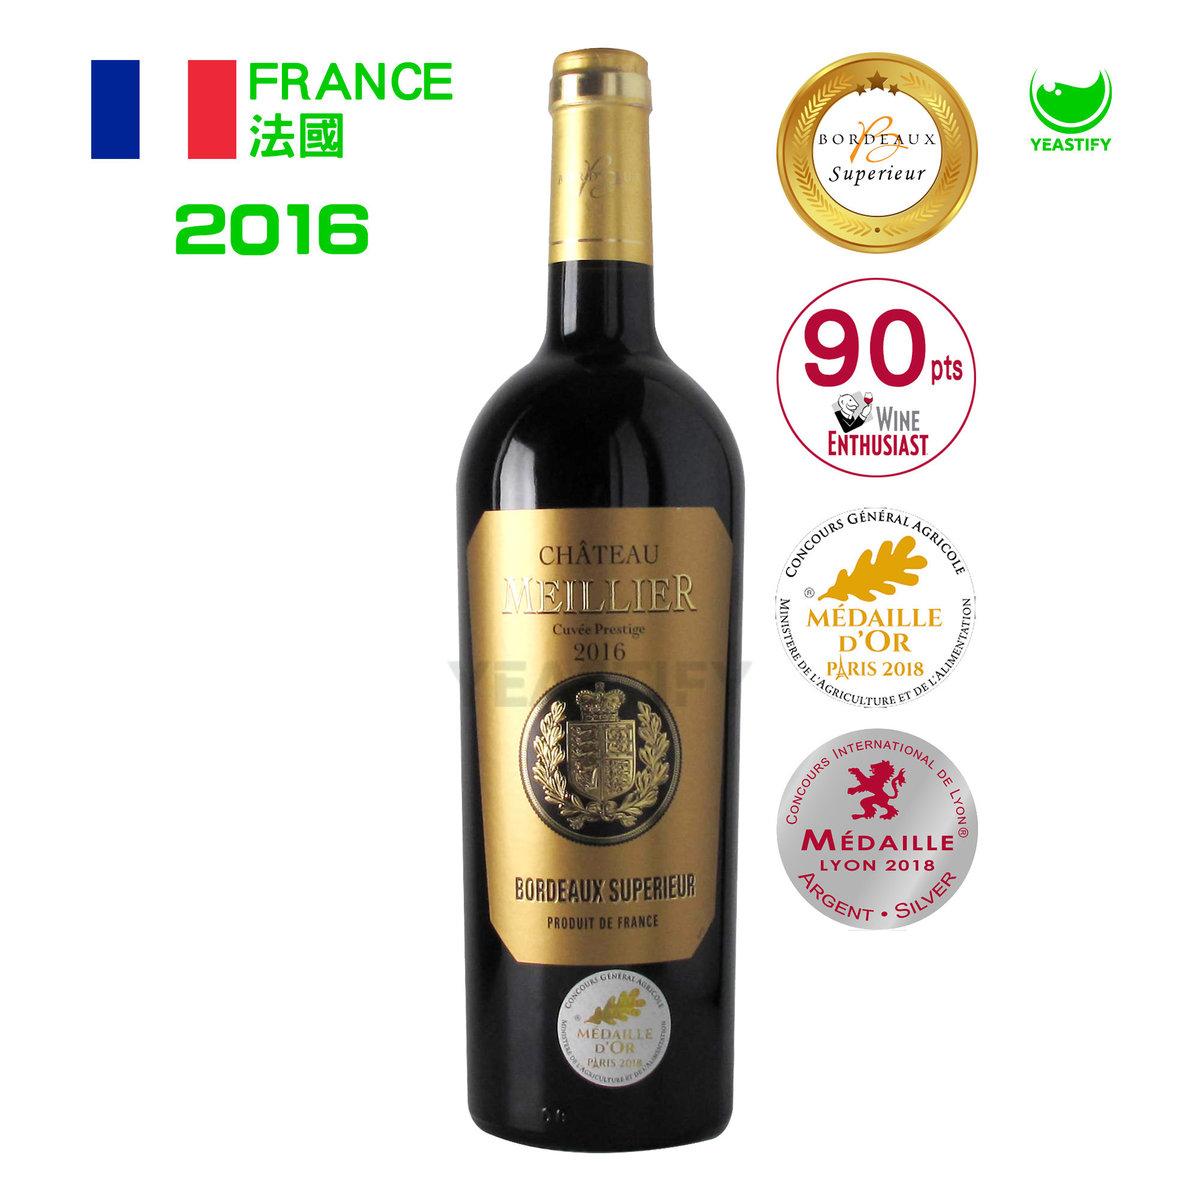 Meillier Bordeaux Superieur Red Wine 2016